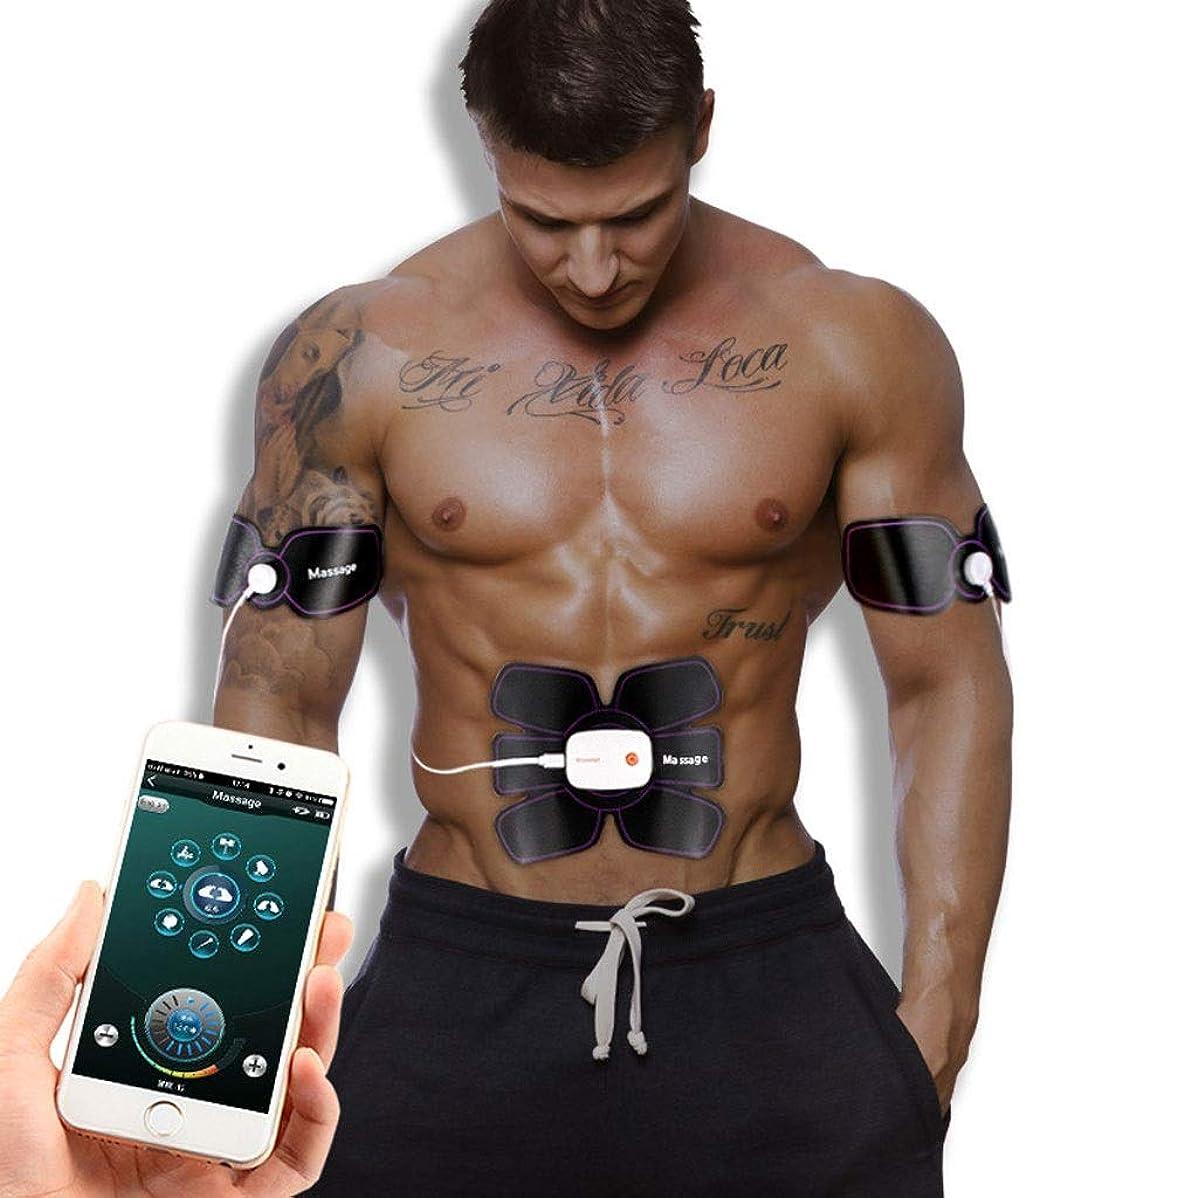 縫うバッジドライ筋肉刺激装置、EMS腹筋トレーナー腹部ベルトUSB充電式筋肉用トナー腹筋足用腹筋サポートベルト&8モード15レベル男性&女性用